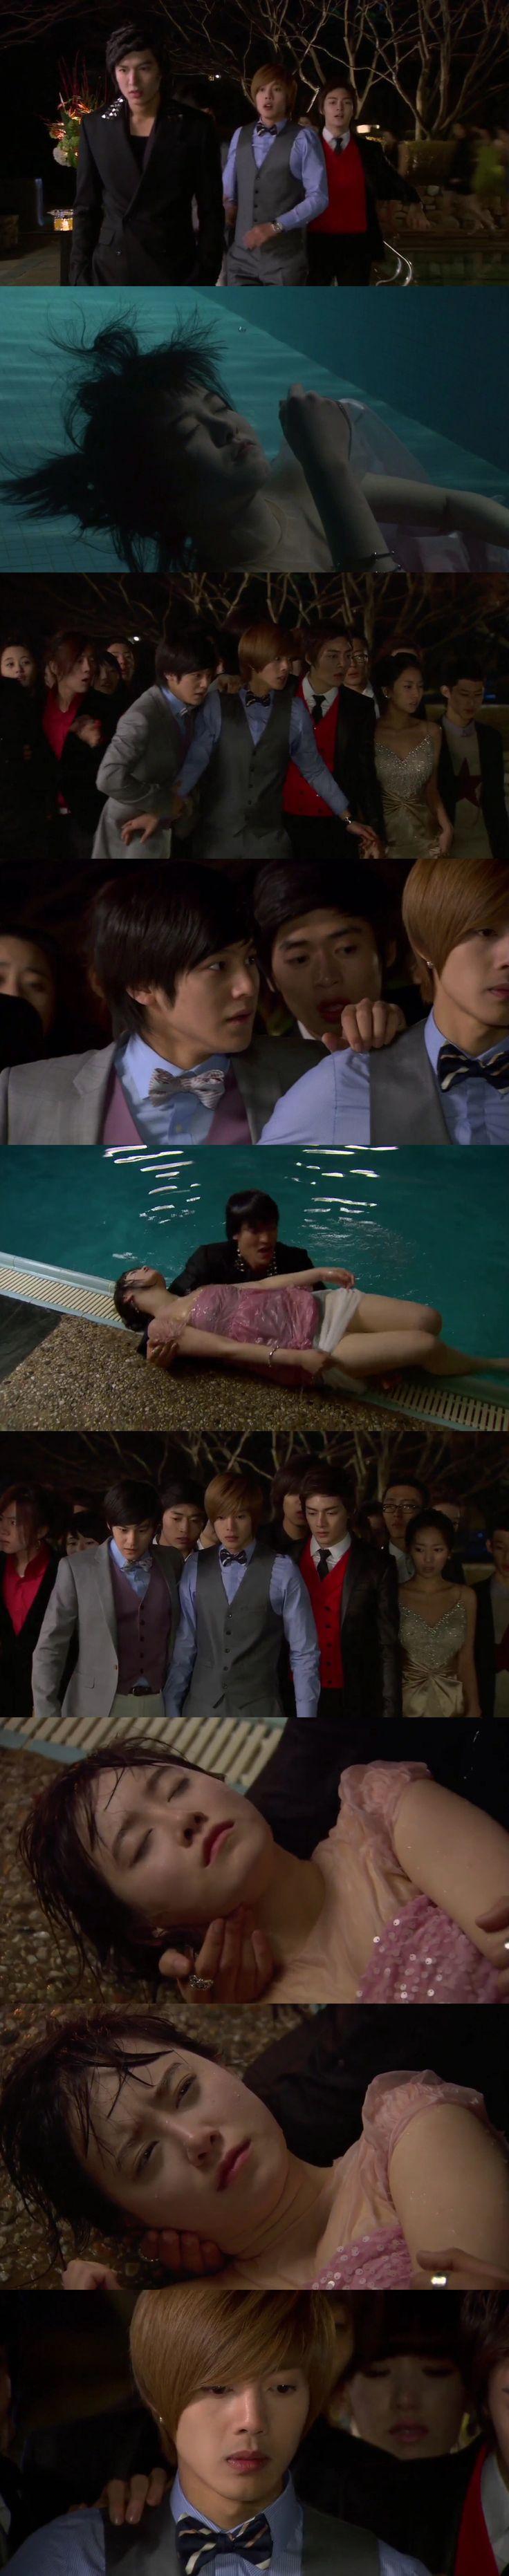 Boys Over Flowers, Ku Hye Sun, Kim Hyun Joong, Lee Min Ho, Kim Bum, Kim Joon #KDrama